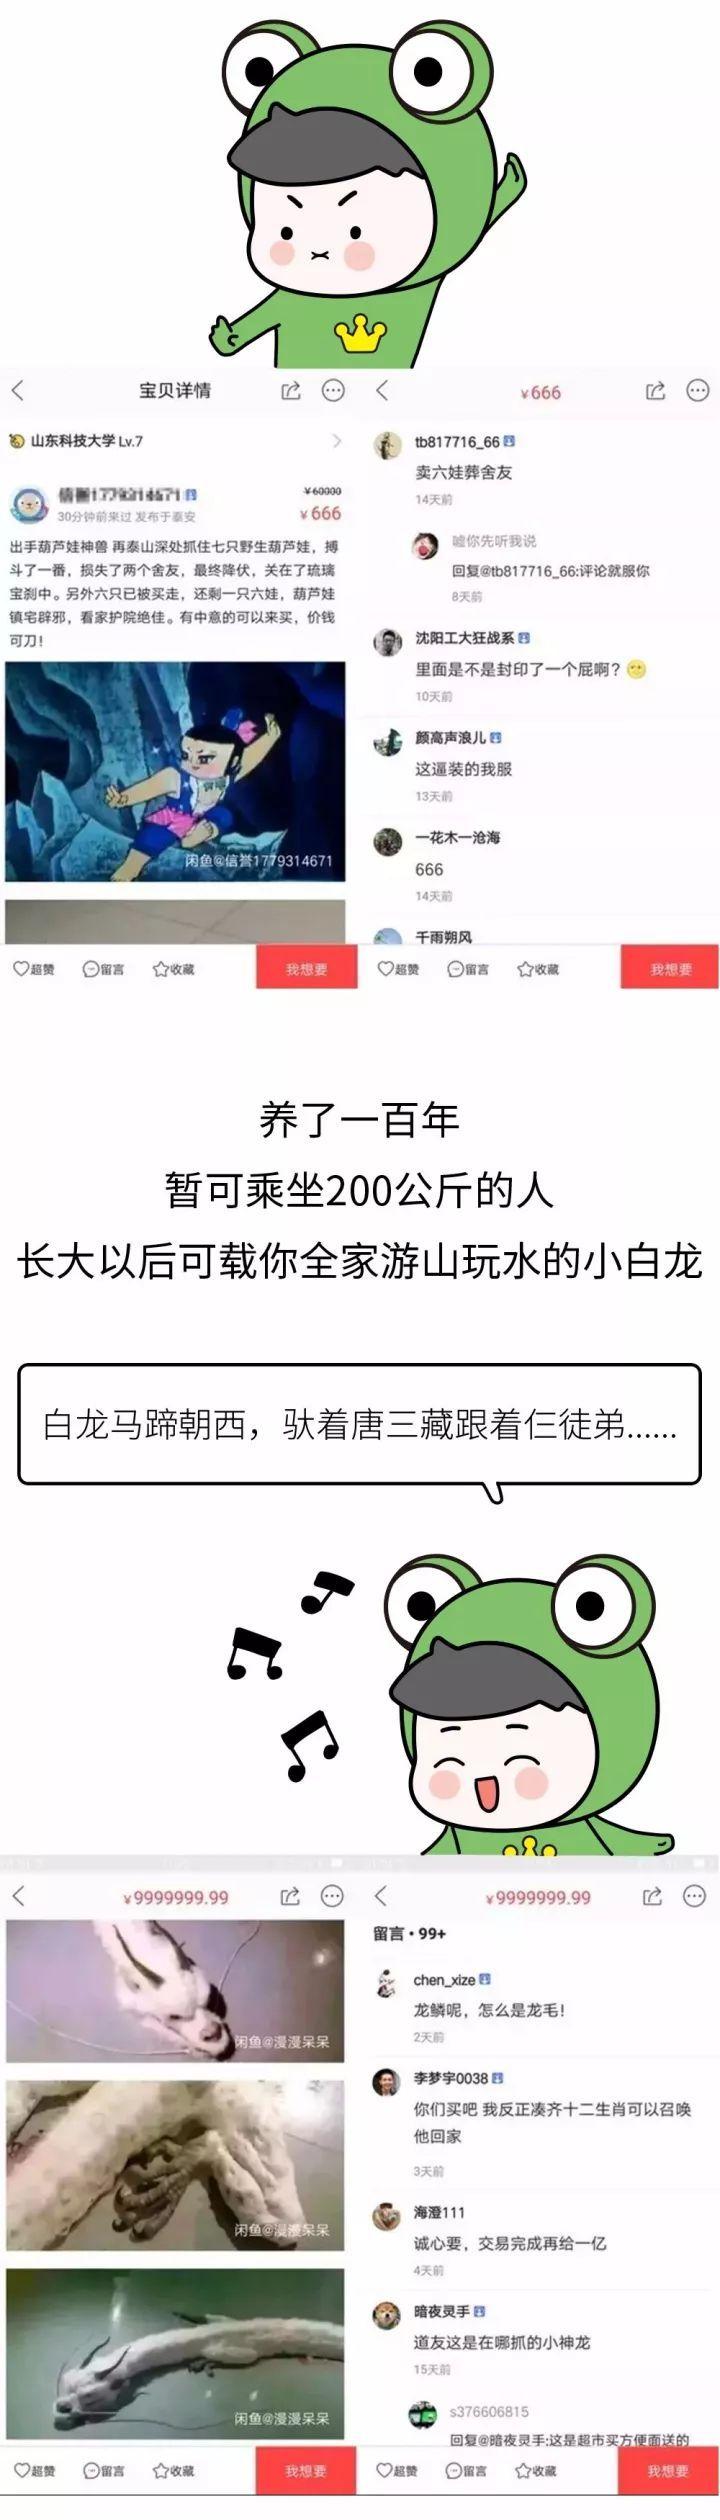 张翰和古力娜扎婚期定至12月底 郑爽粉丝的反应让无数网友意外